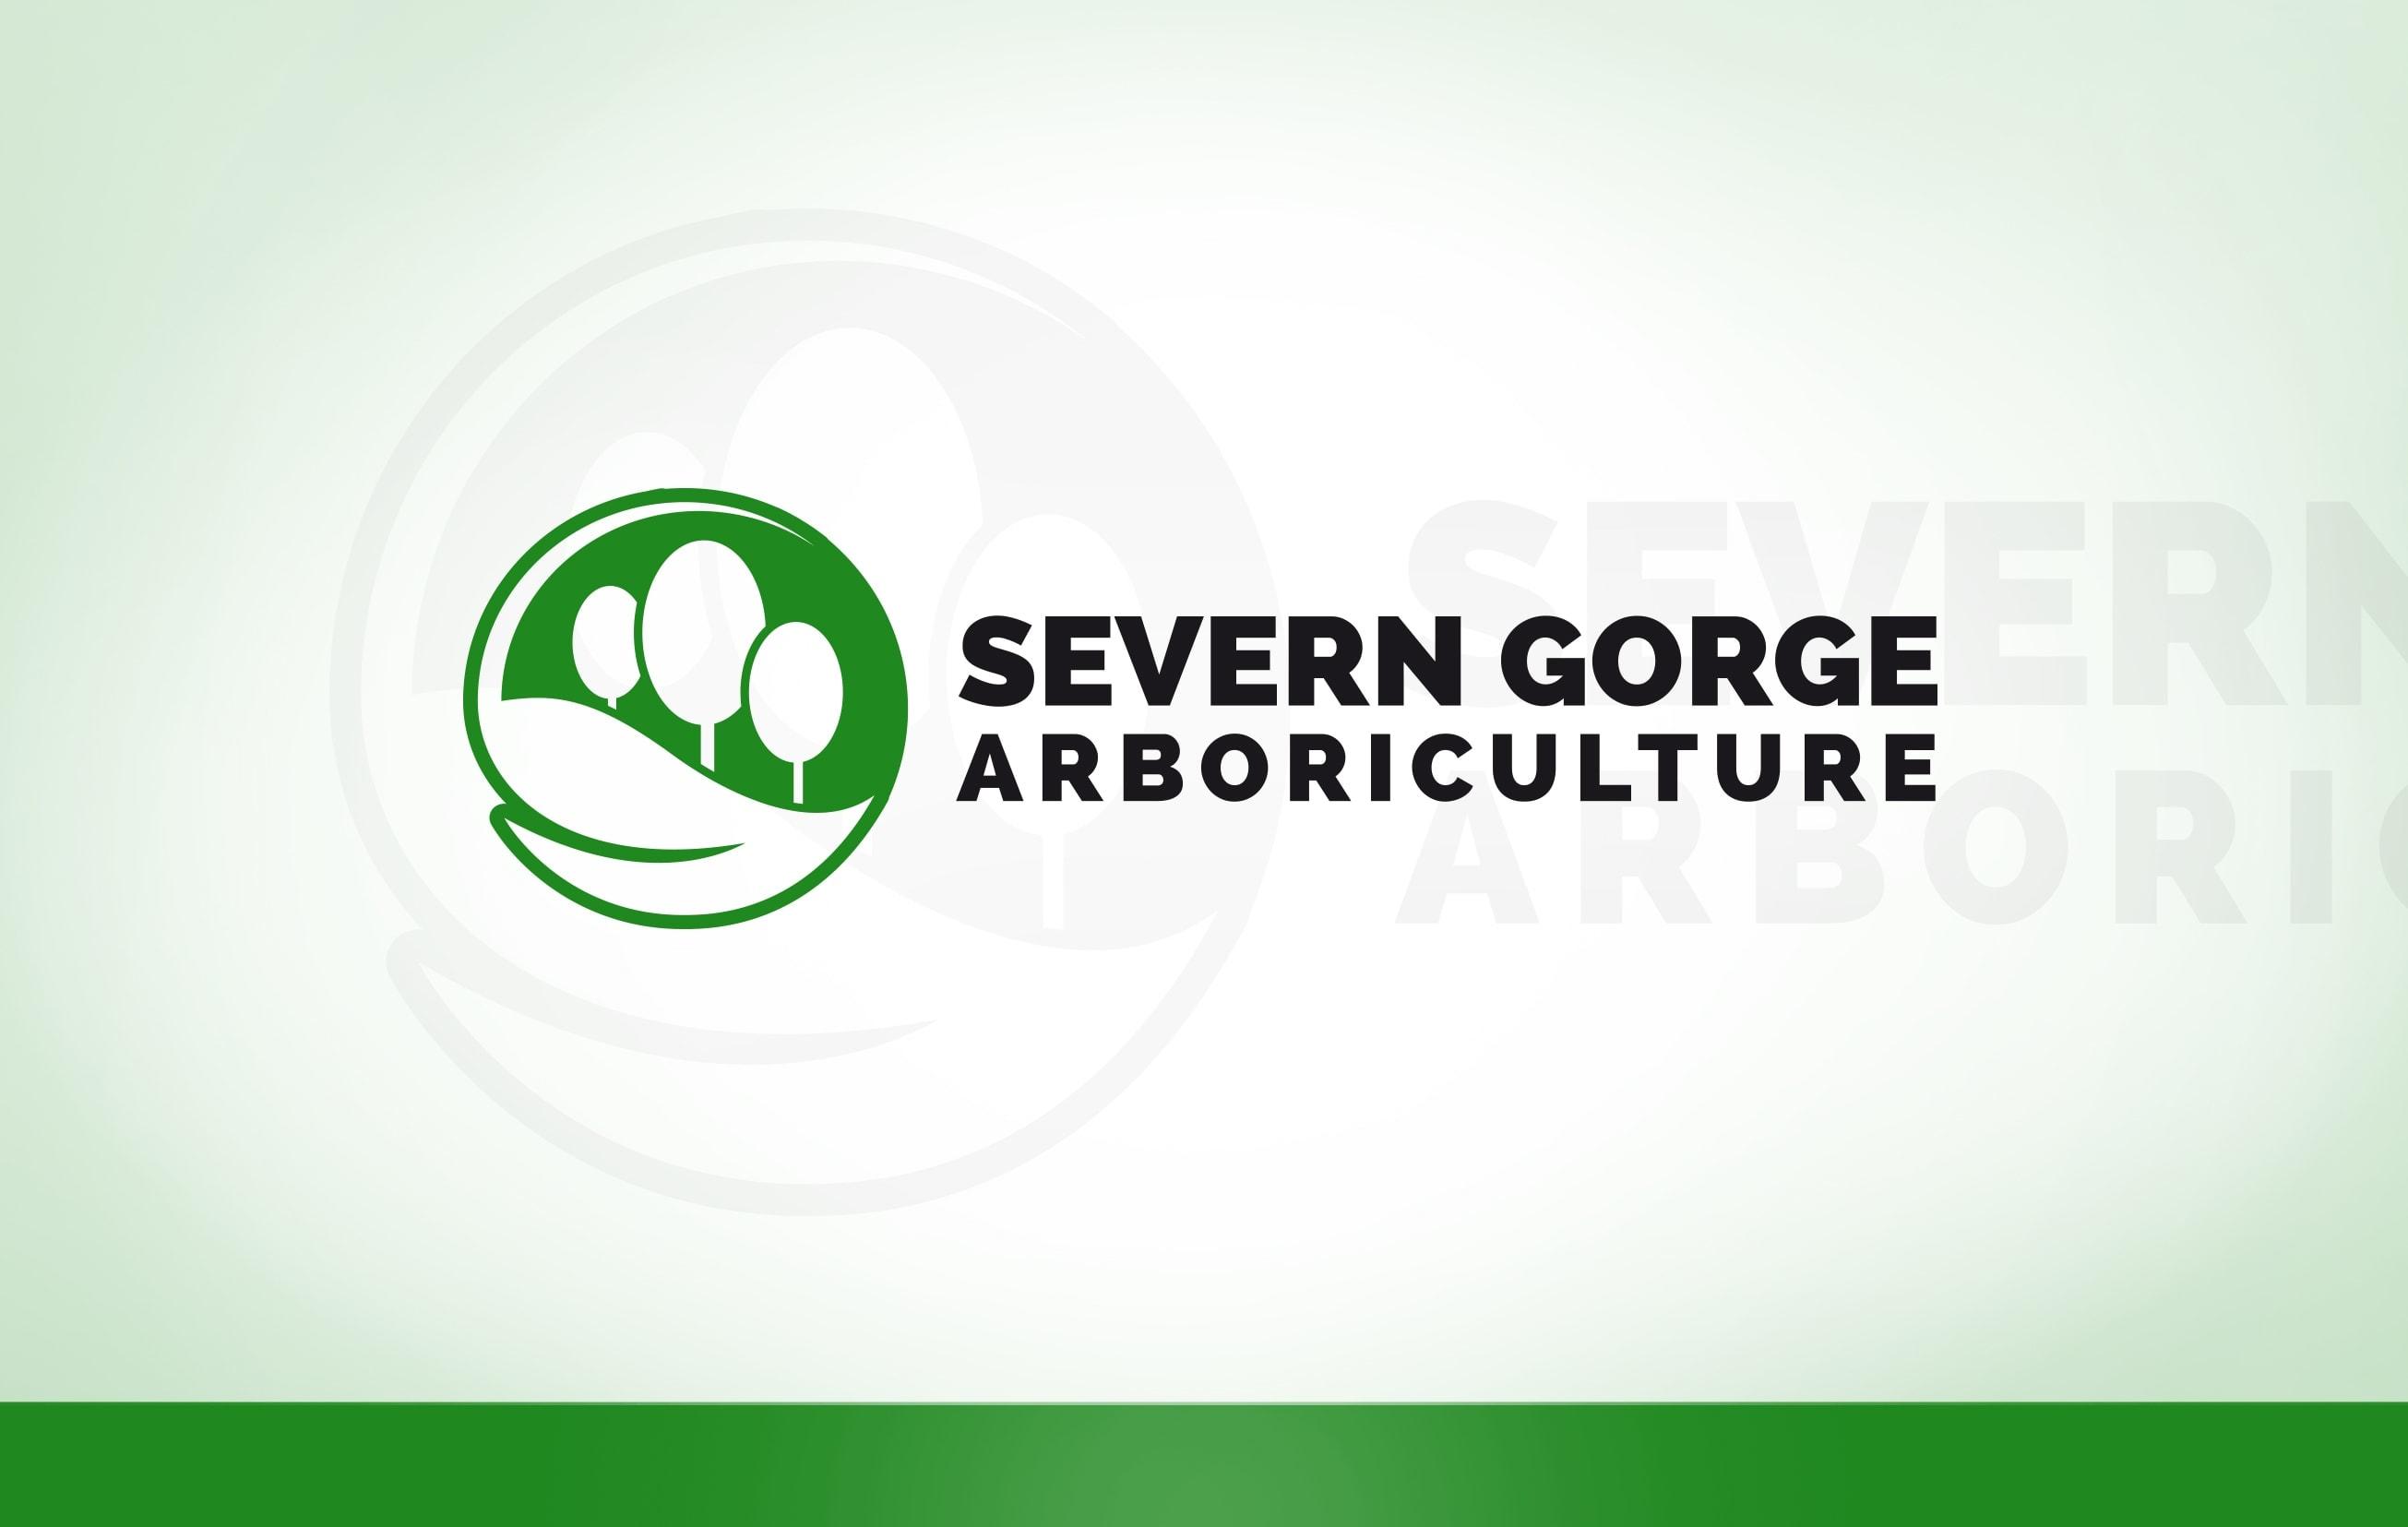 Severn Gorge Arboriculture